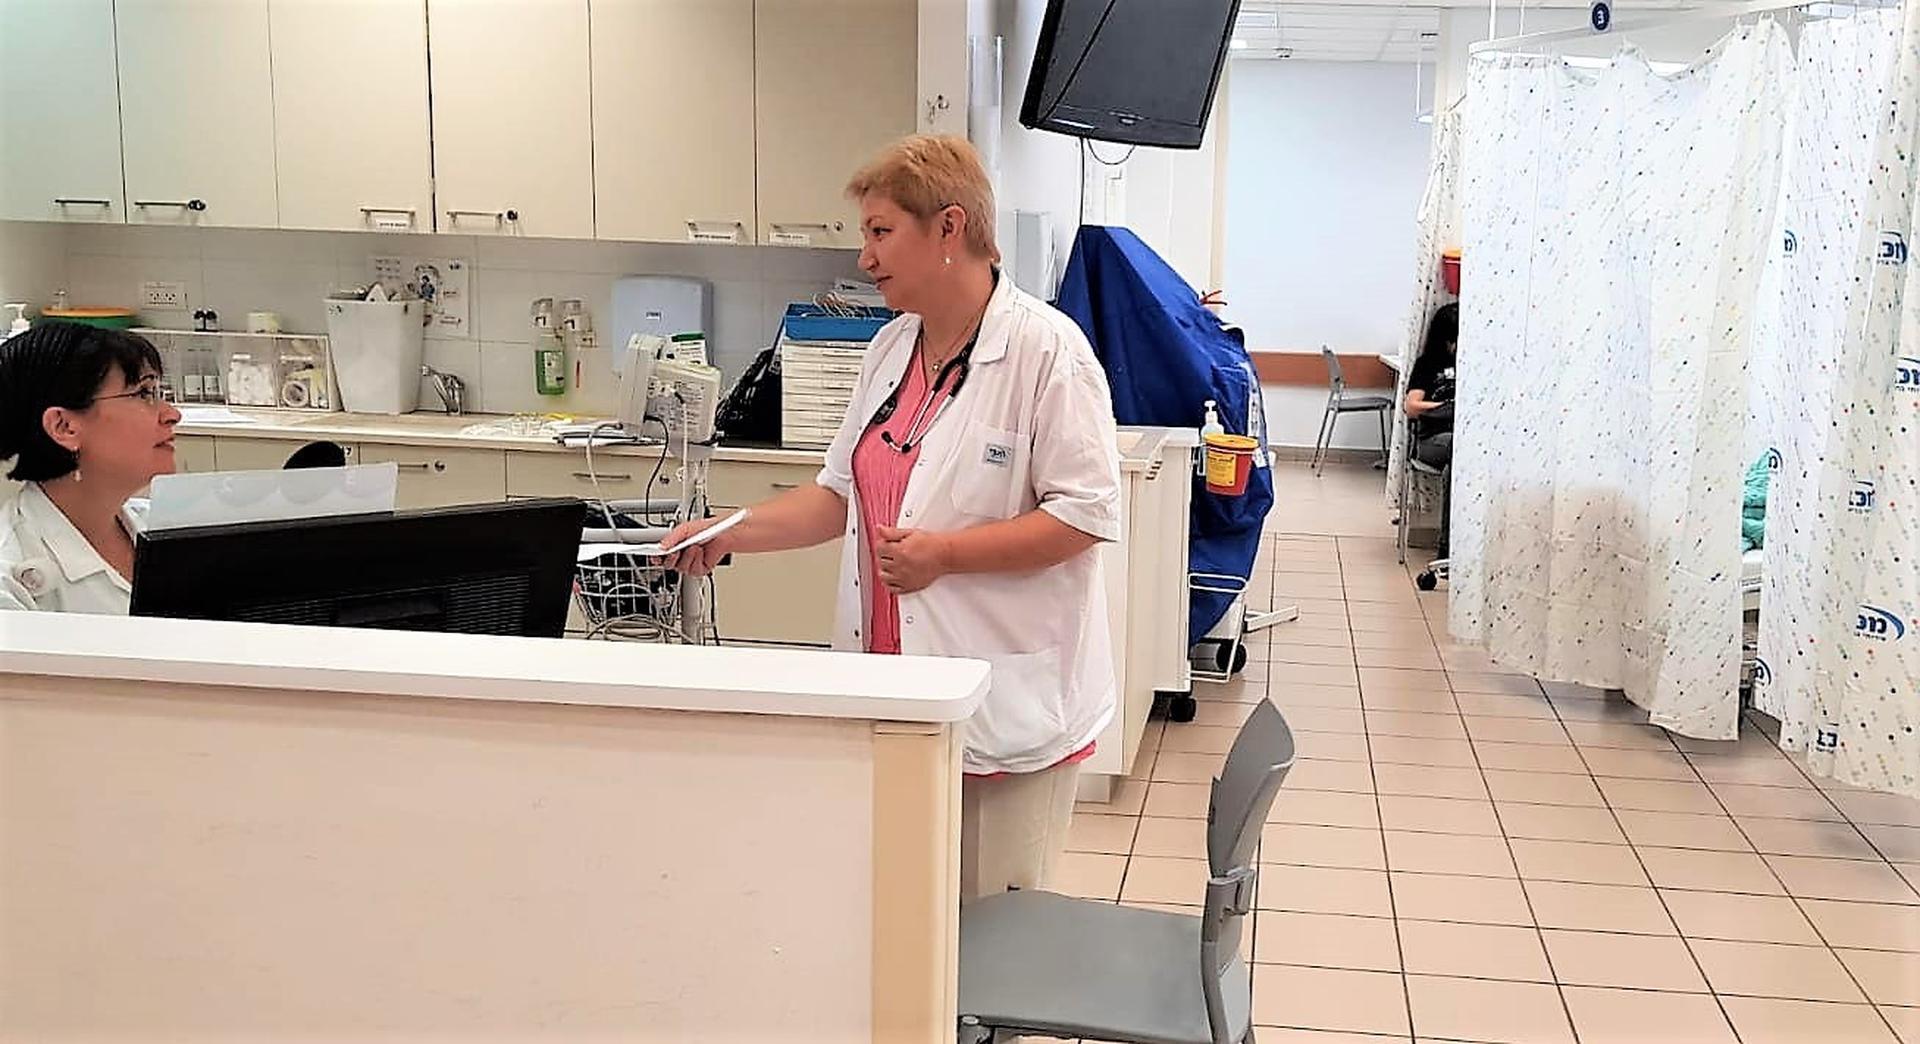 אלטרנטיבה יעילה ואיכותית לחדרי המיון | צילום: מכבי שירותי בריאות